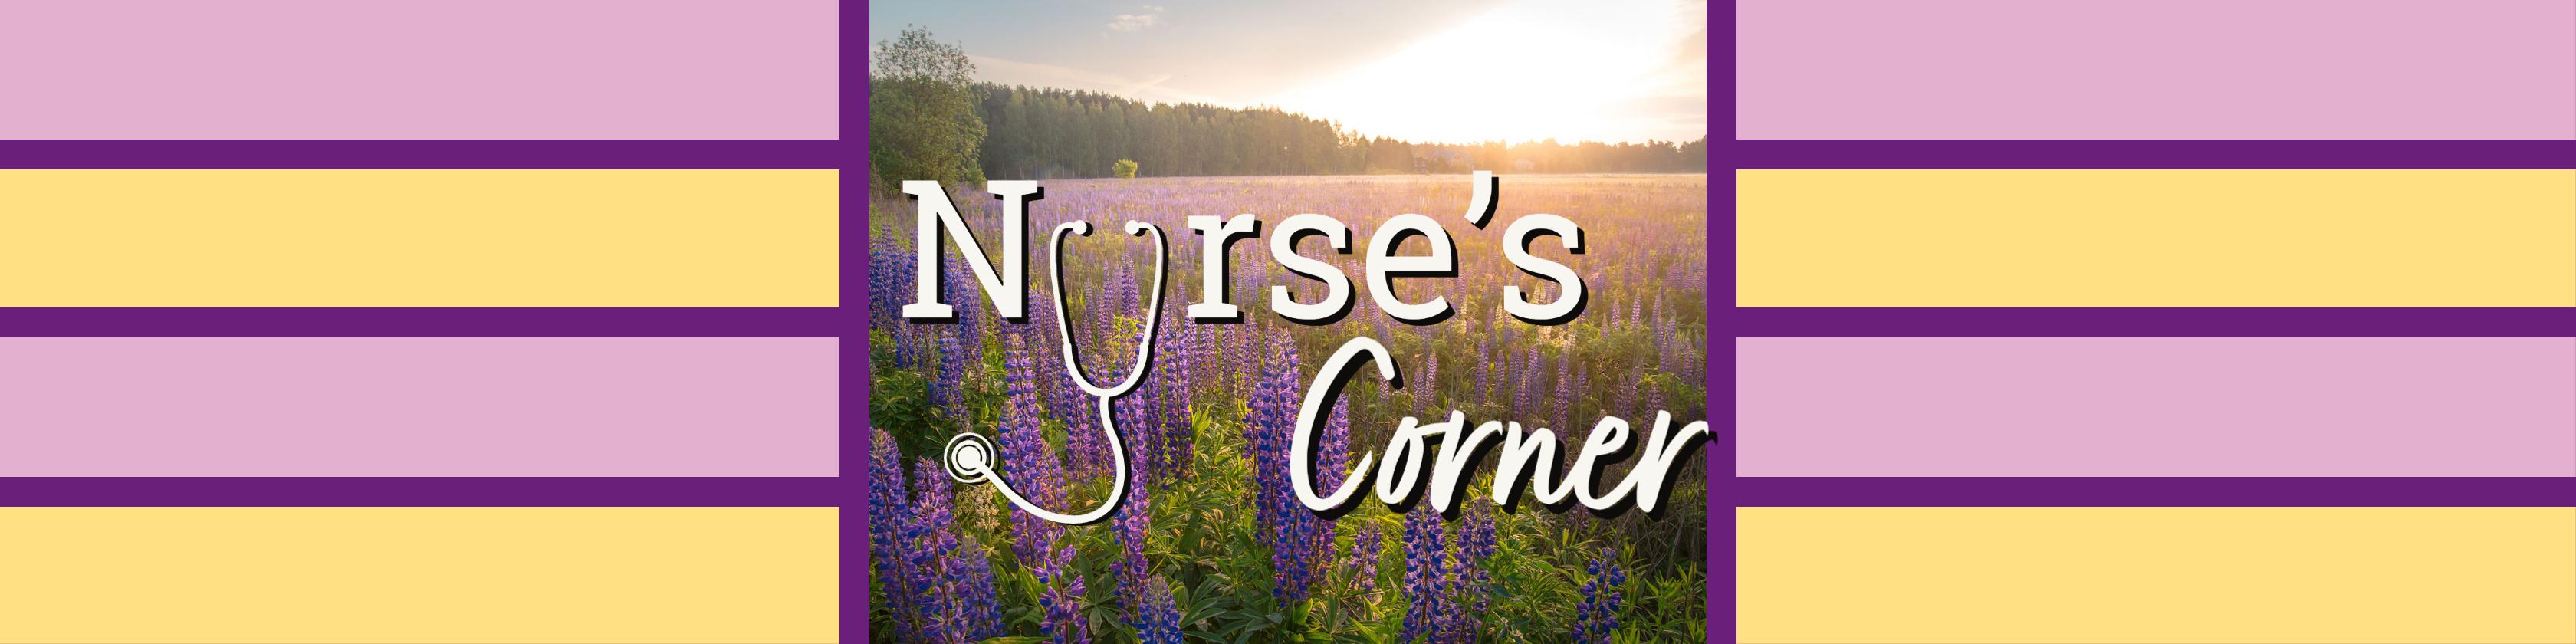 Nurse's Corner Header